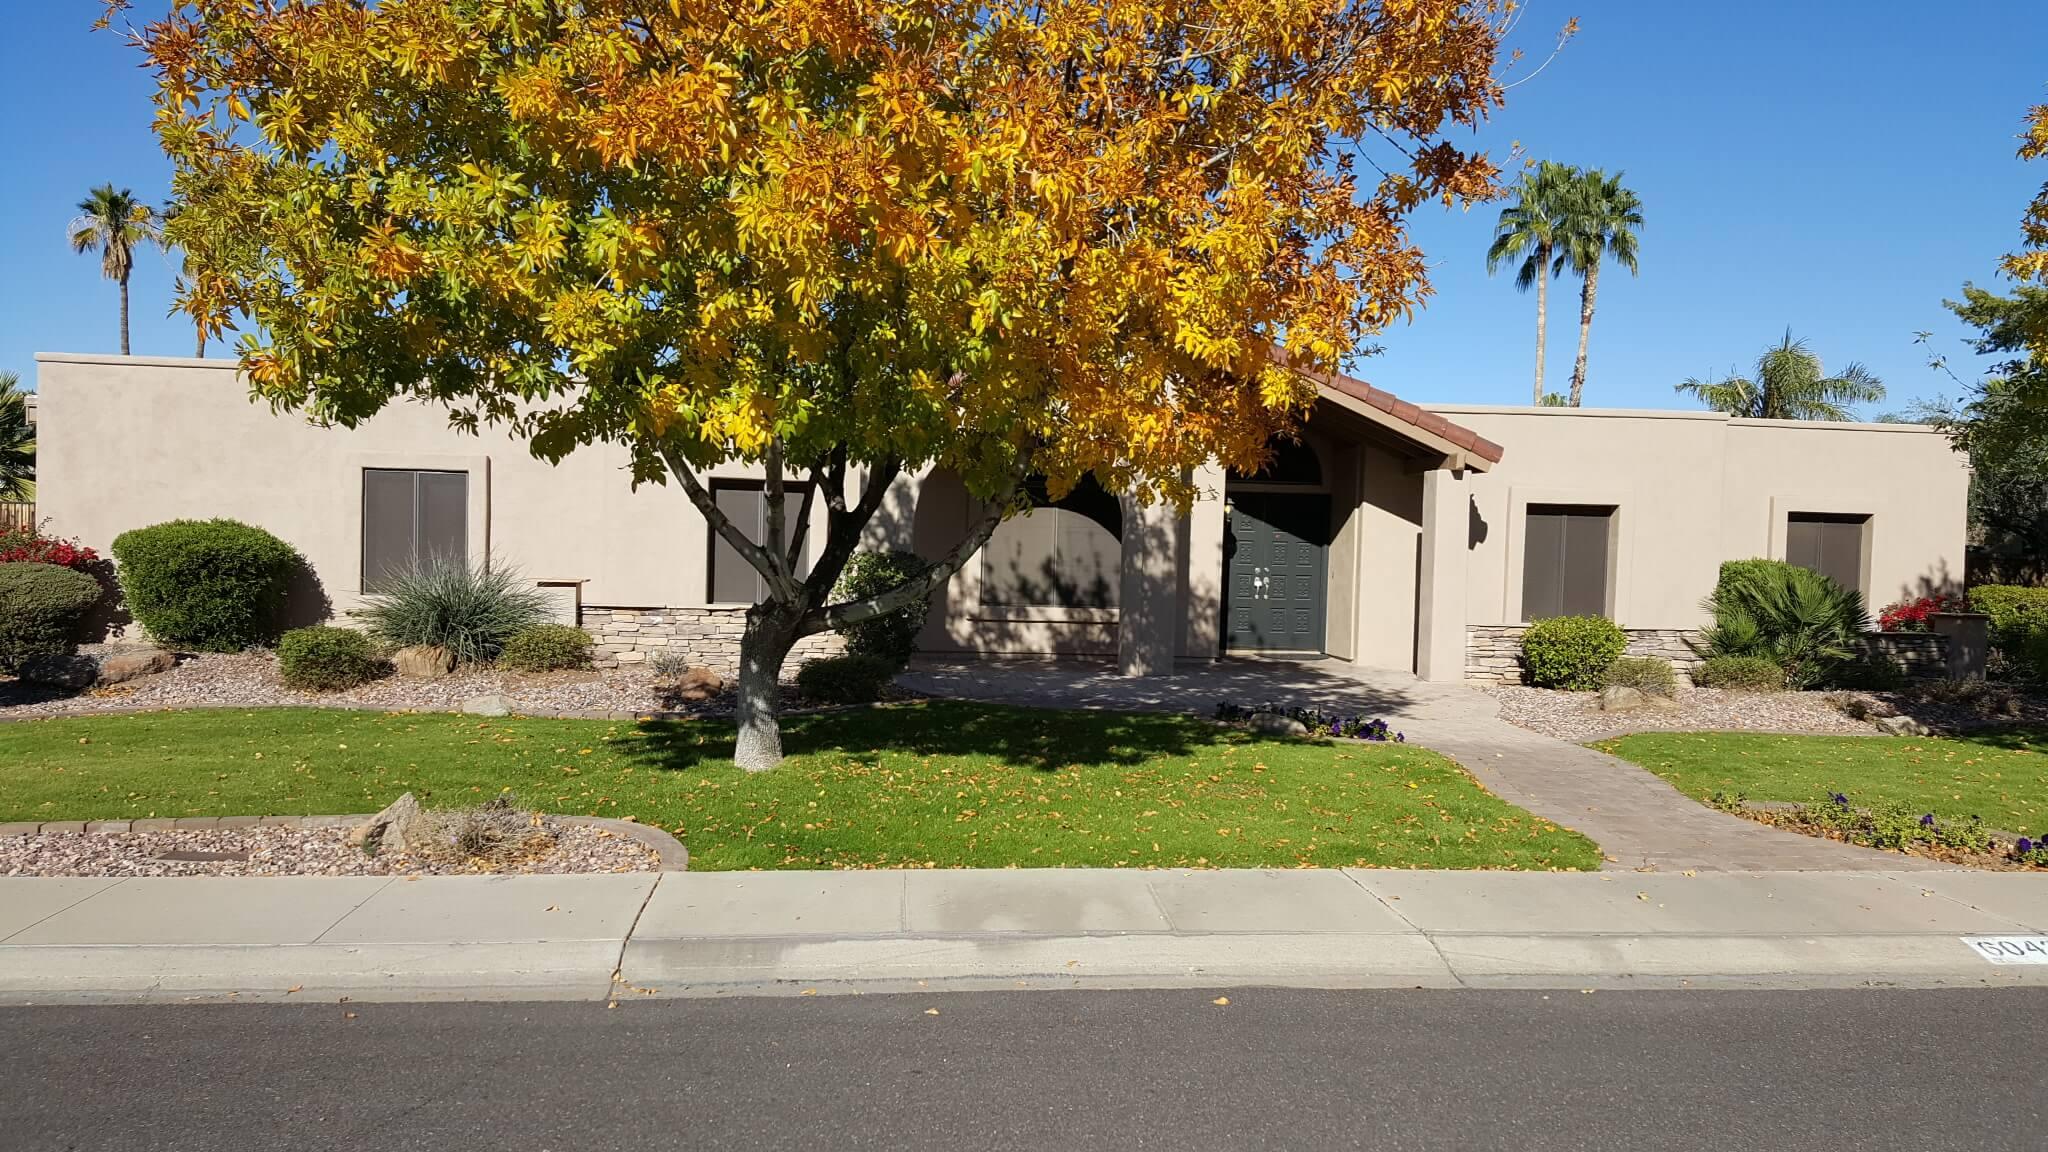 Suburban home in Arizona